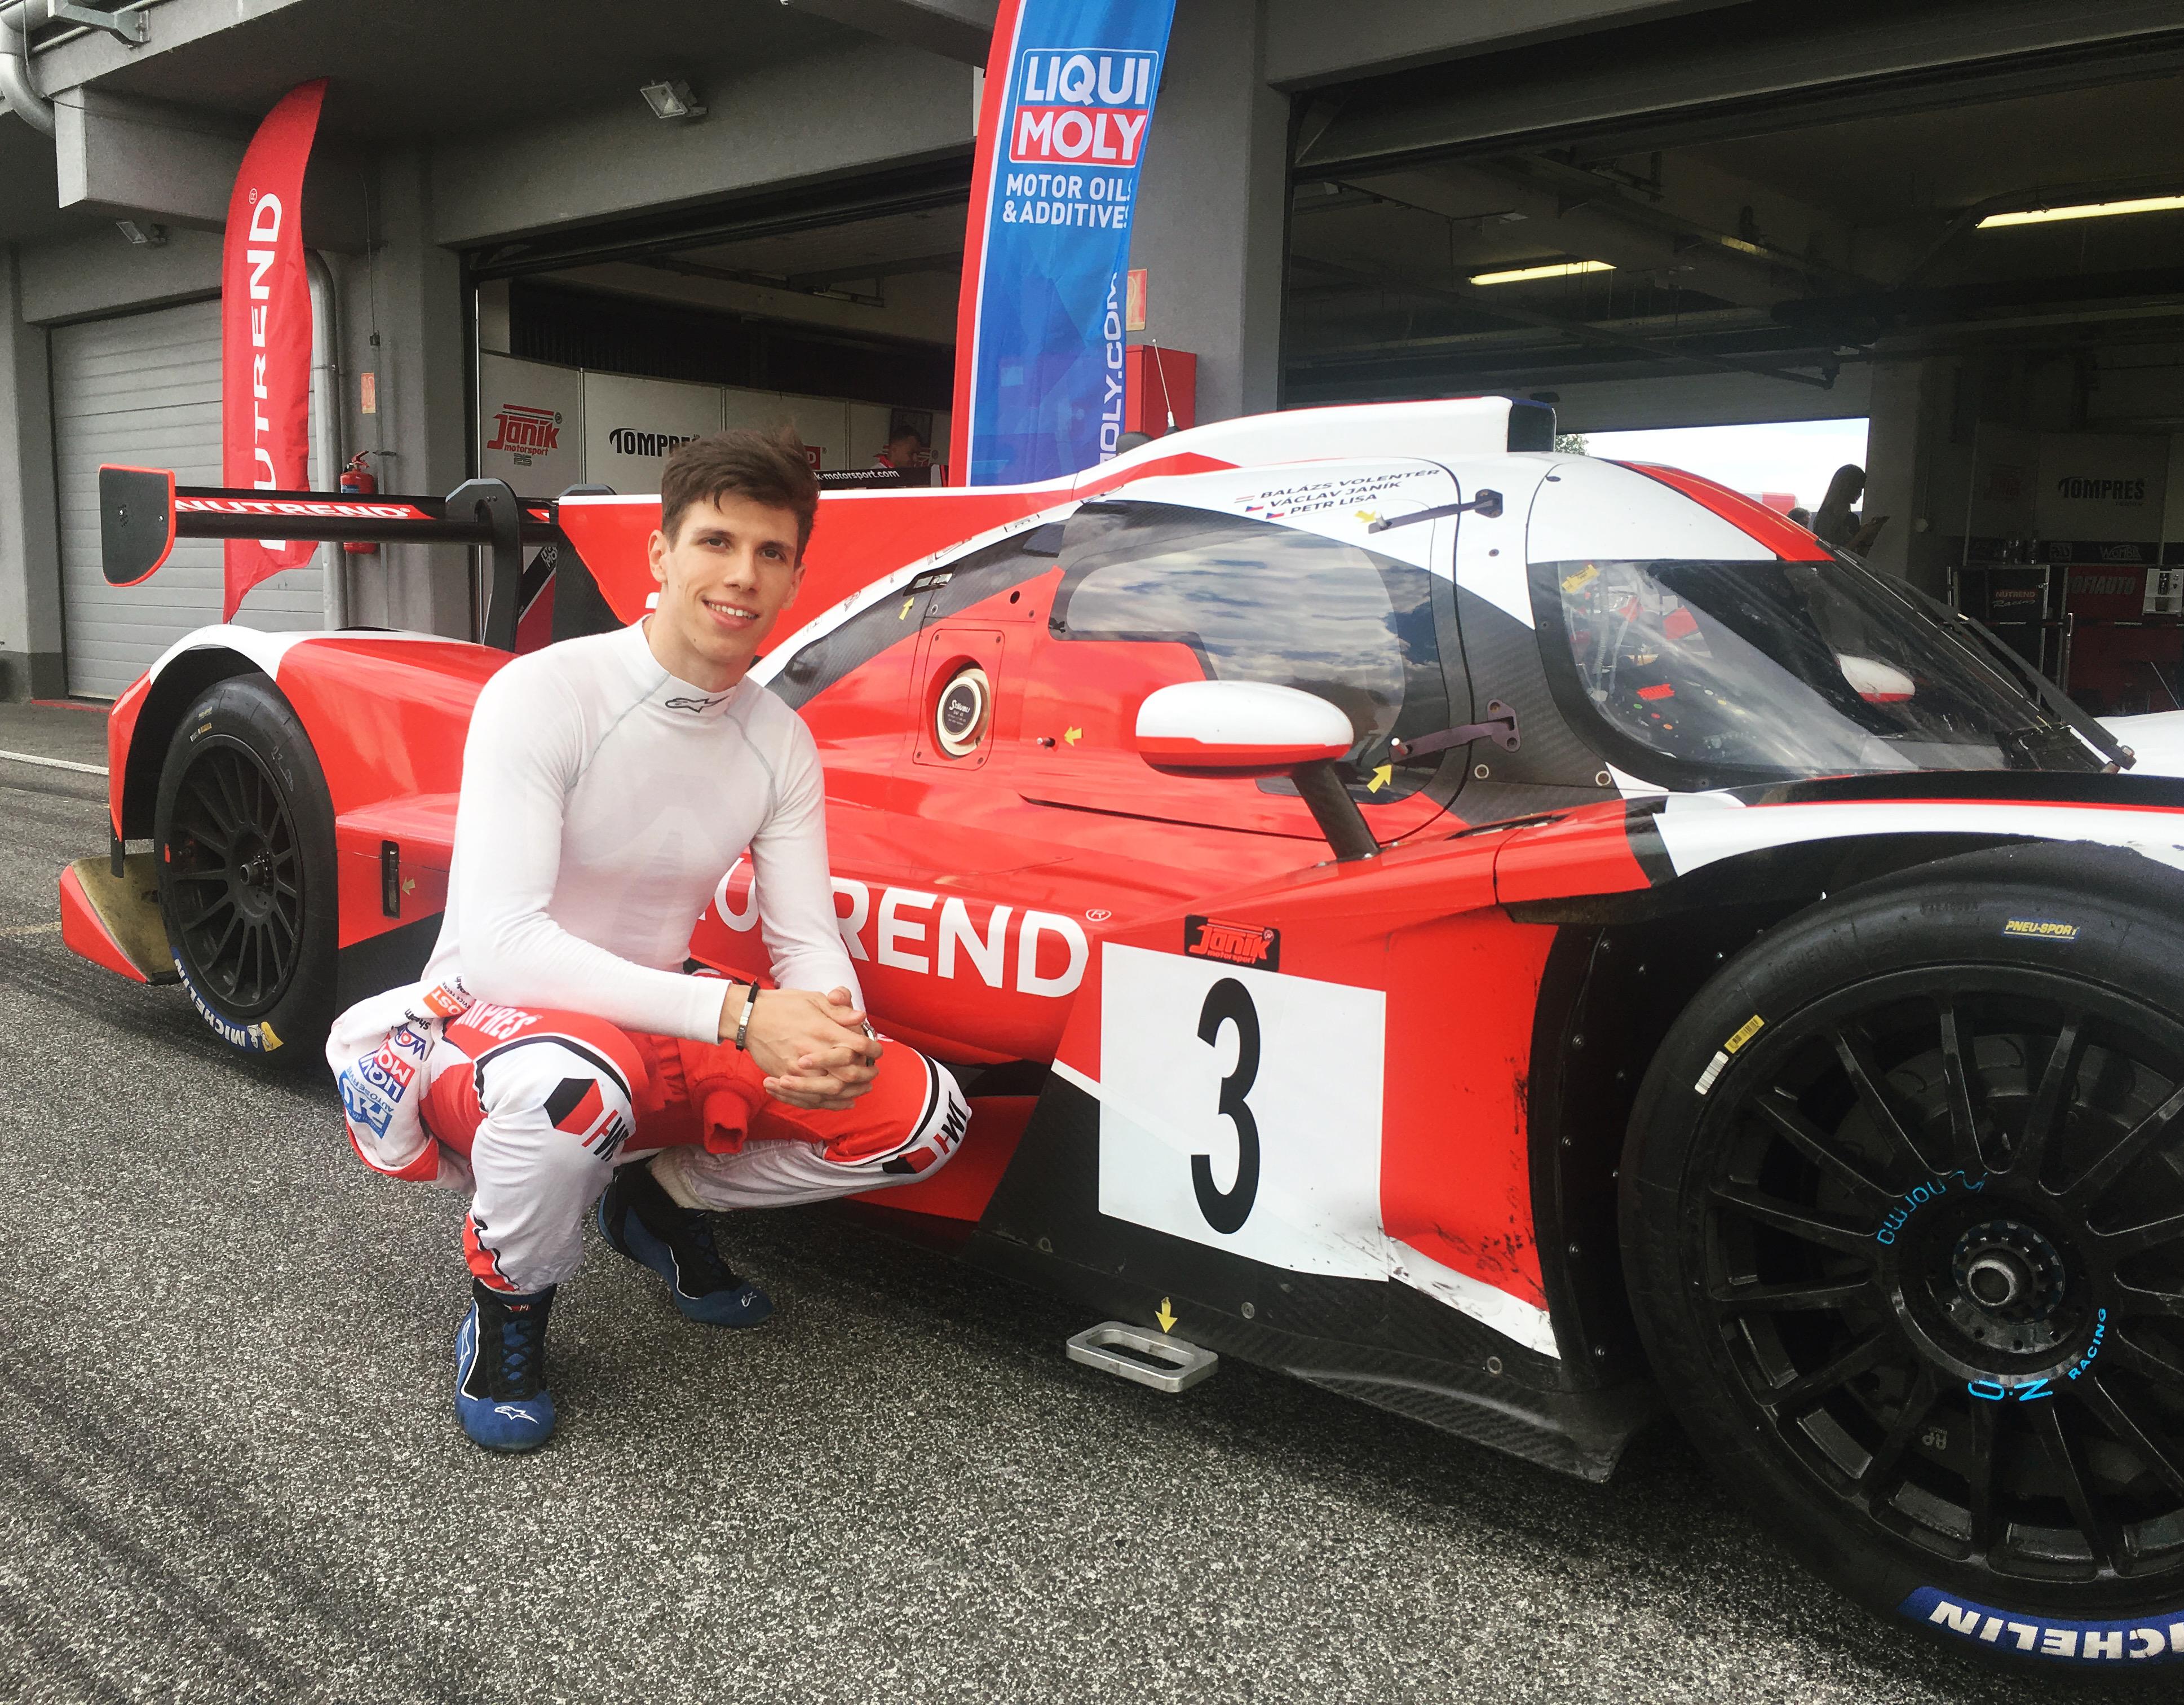 Magyar versenyző az endurance-világbajnokság kapujában